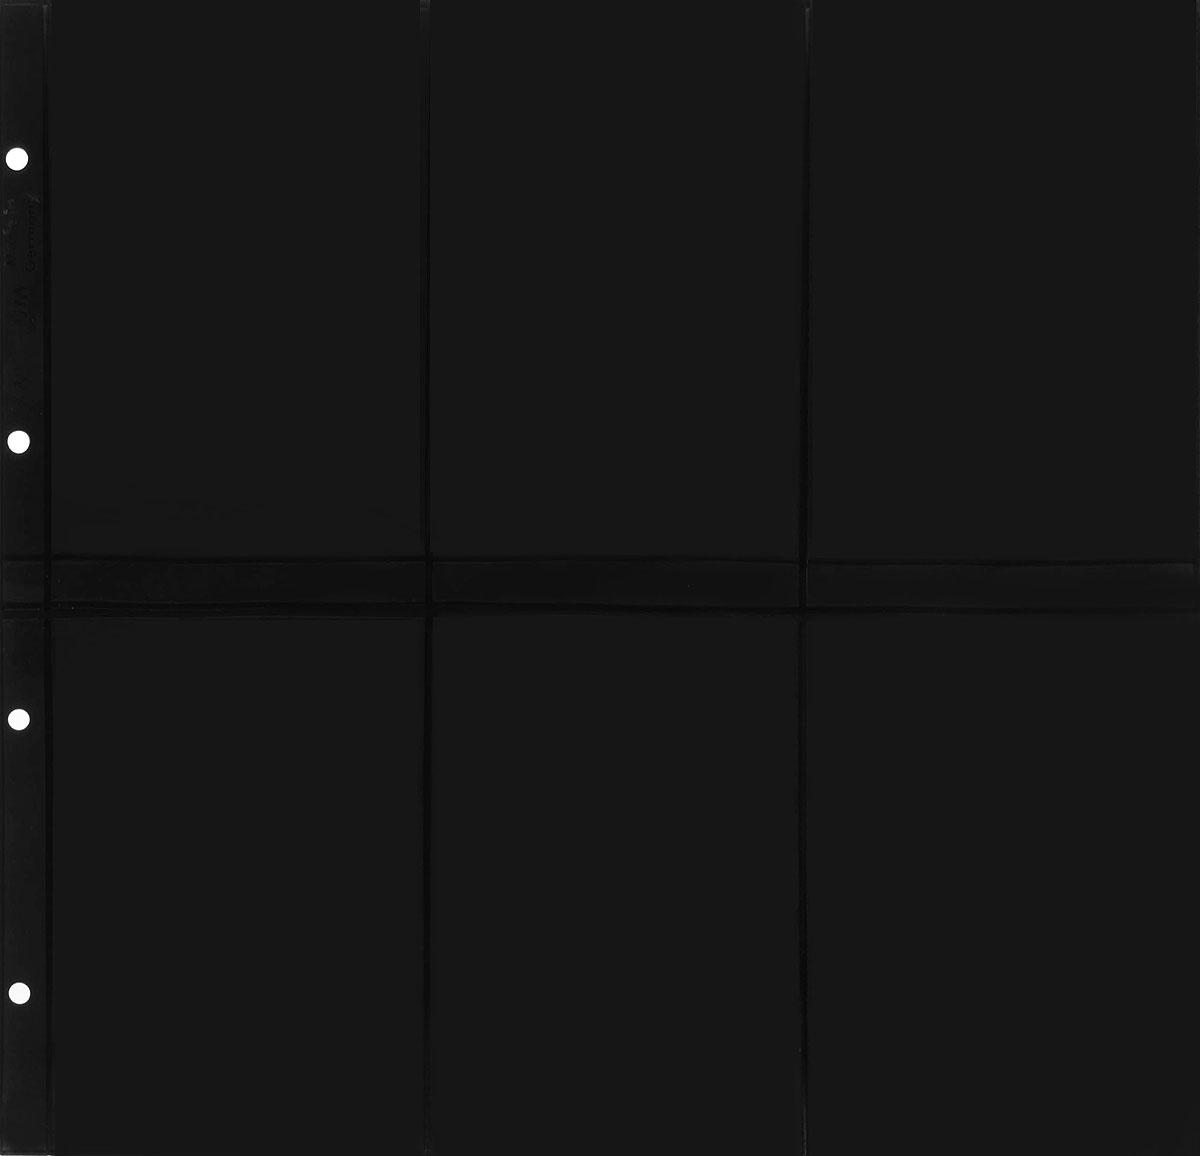 Лист в альбом Max 3S на 6 ячеек черный (10 листов в упаковке)316329Характеристики: Размер листа: 35 см х 33,5 см Размер ячейки: 15,5 см x 10,5 см Количество листов в упаковке: 10